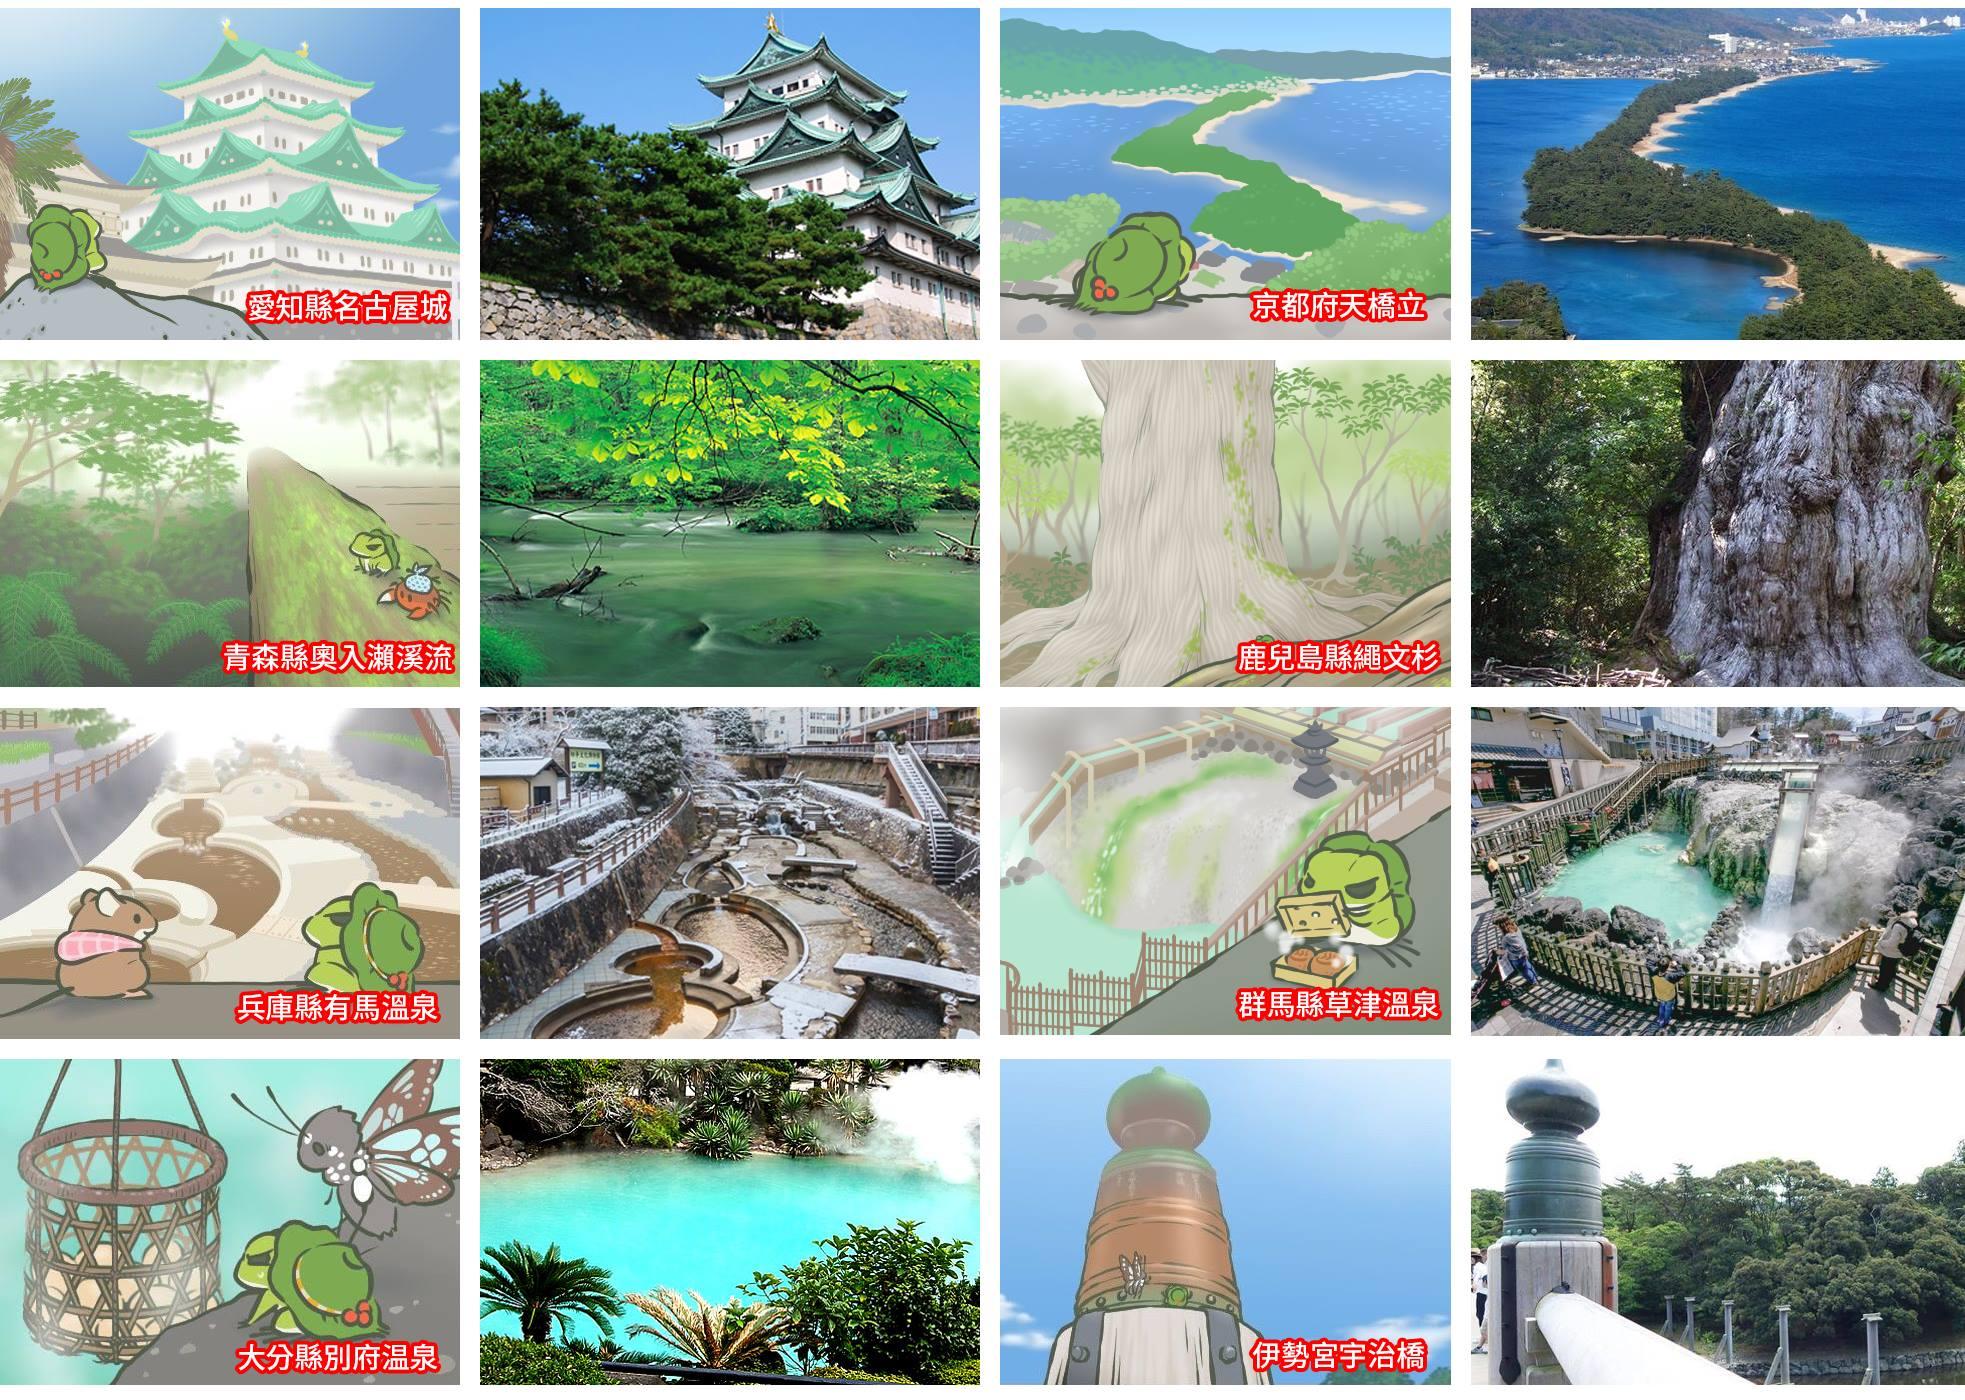 旅行青蛙 景點對照